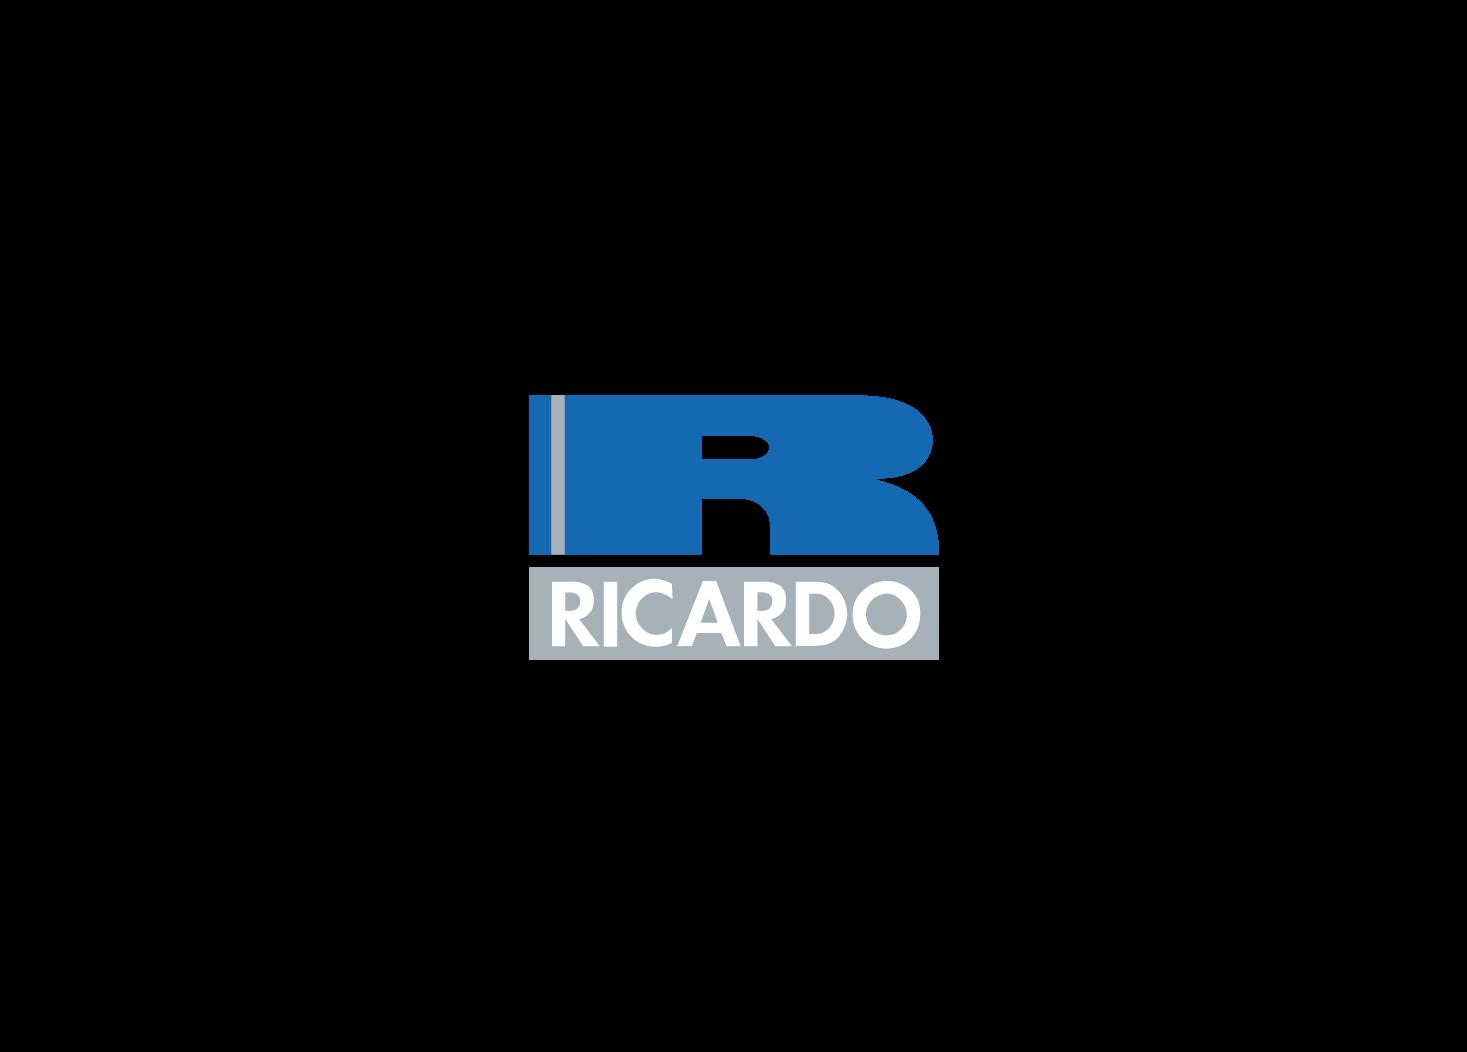 RICAARDO